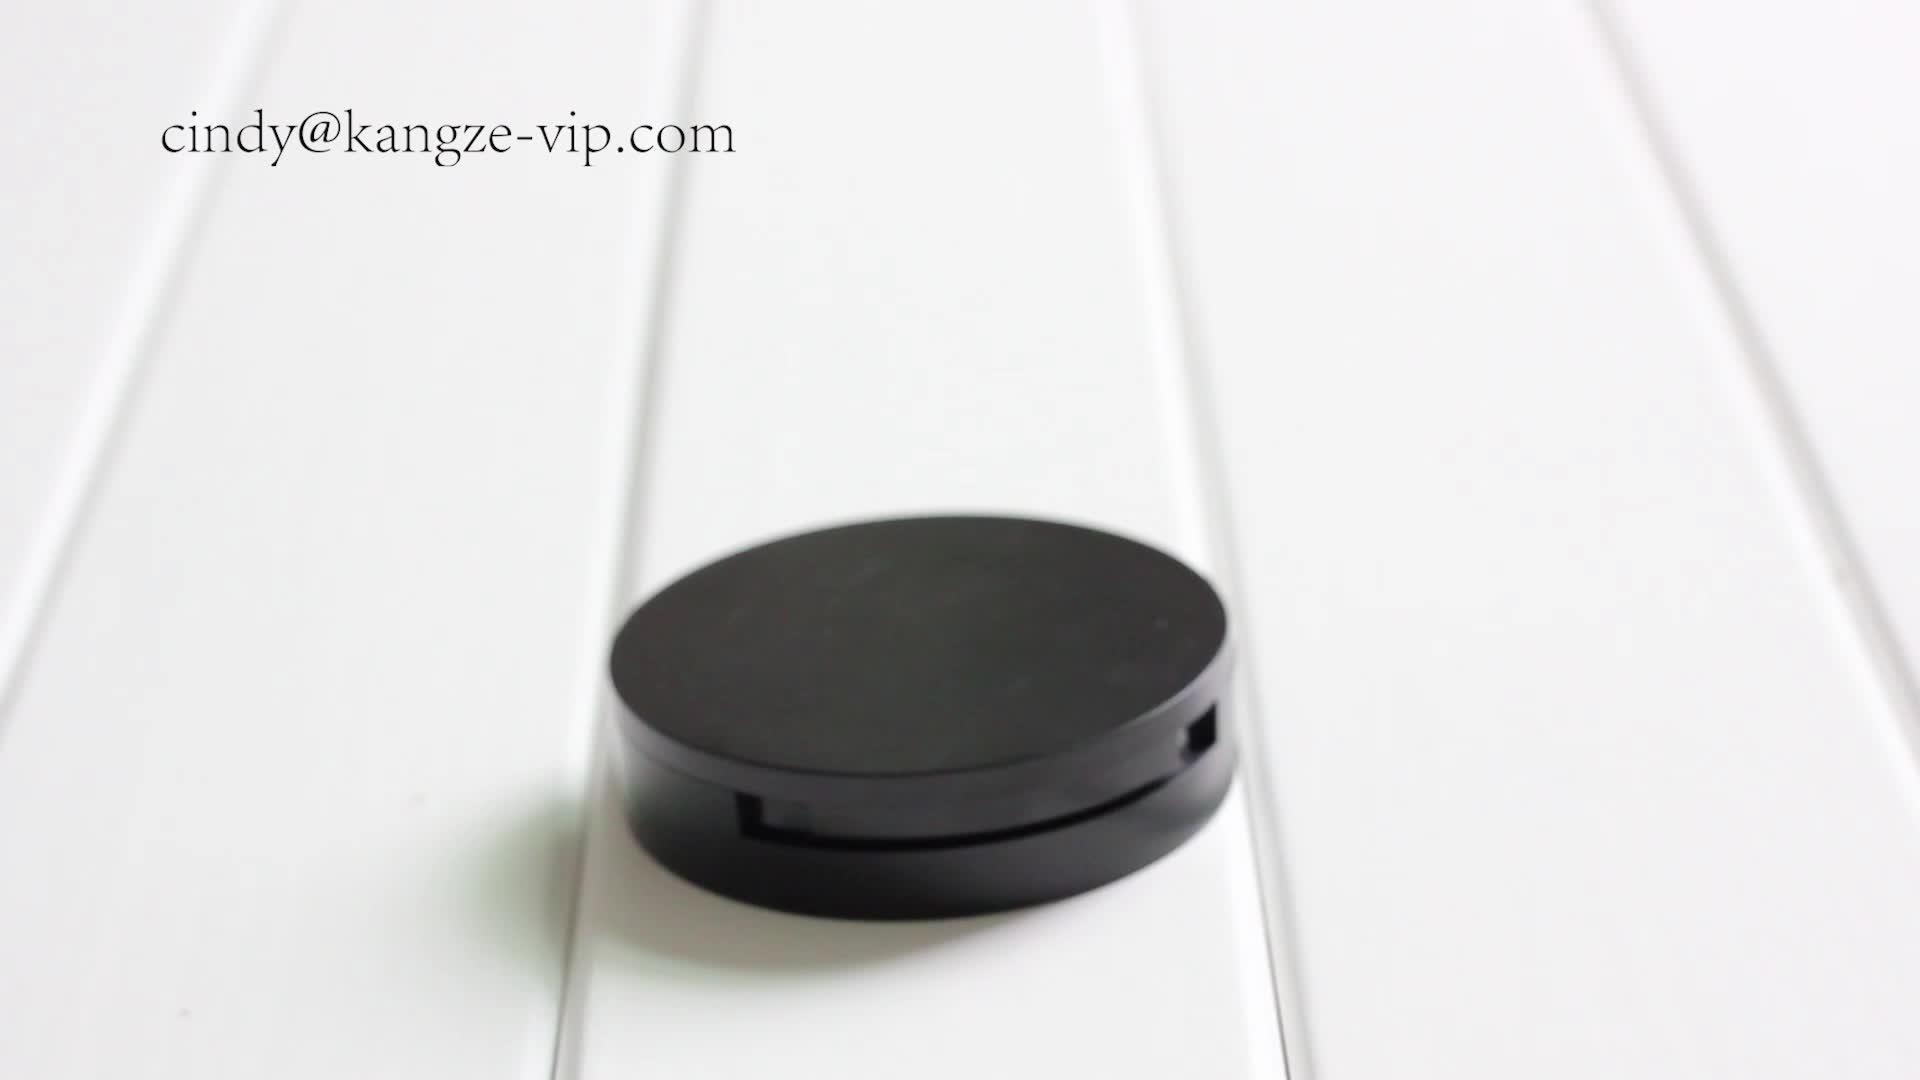 Amostra grátis OEM/ODM Bom preço para vazio blush rosto compacto 58mm pó compacto caso